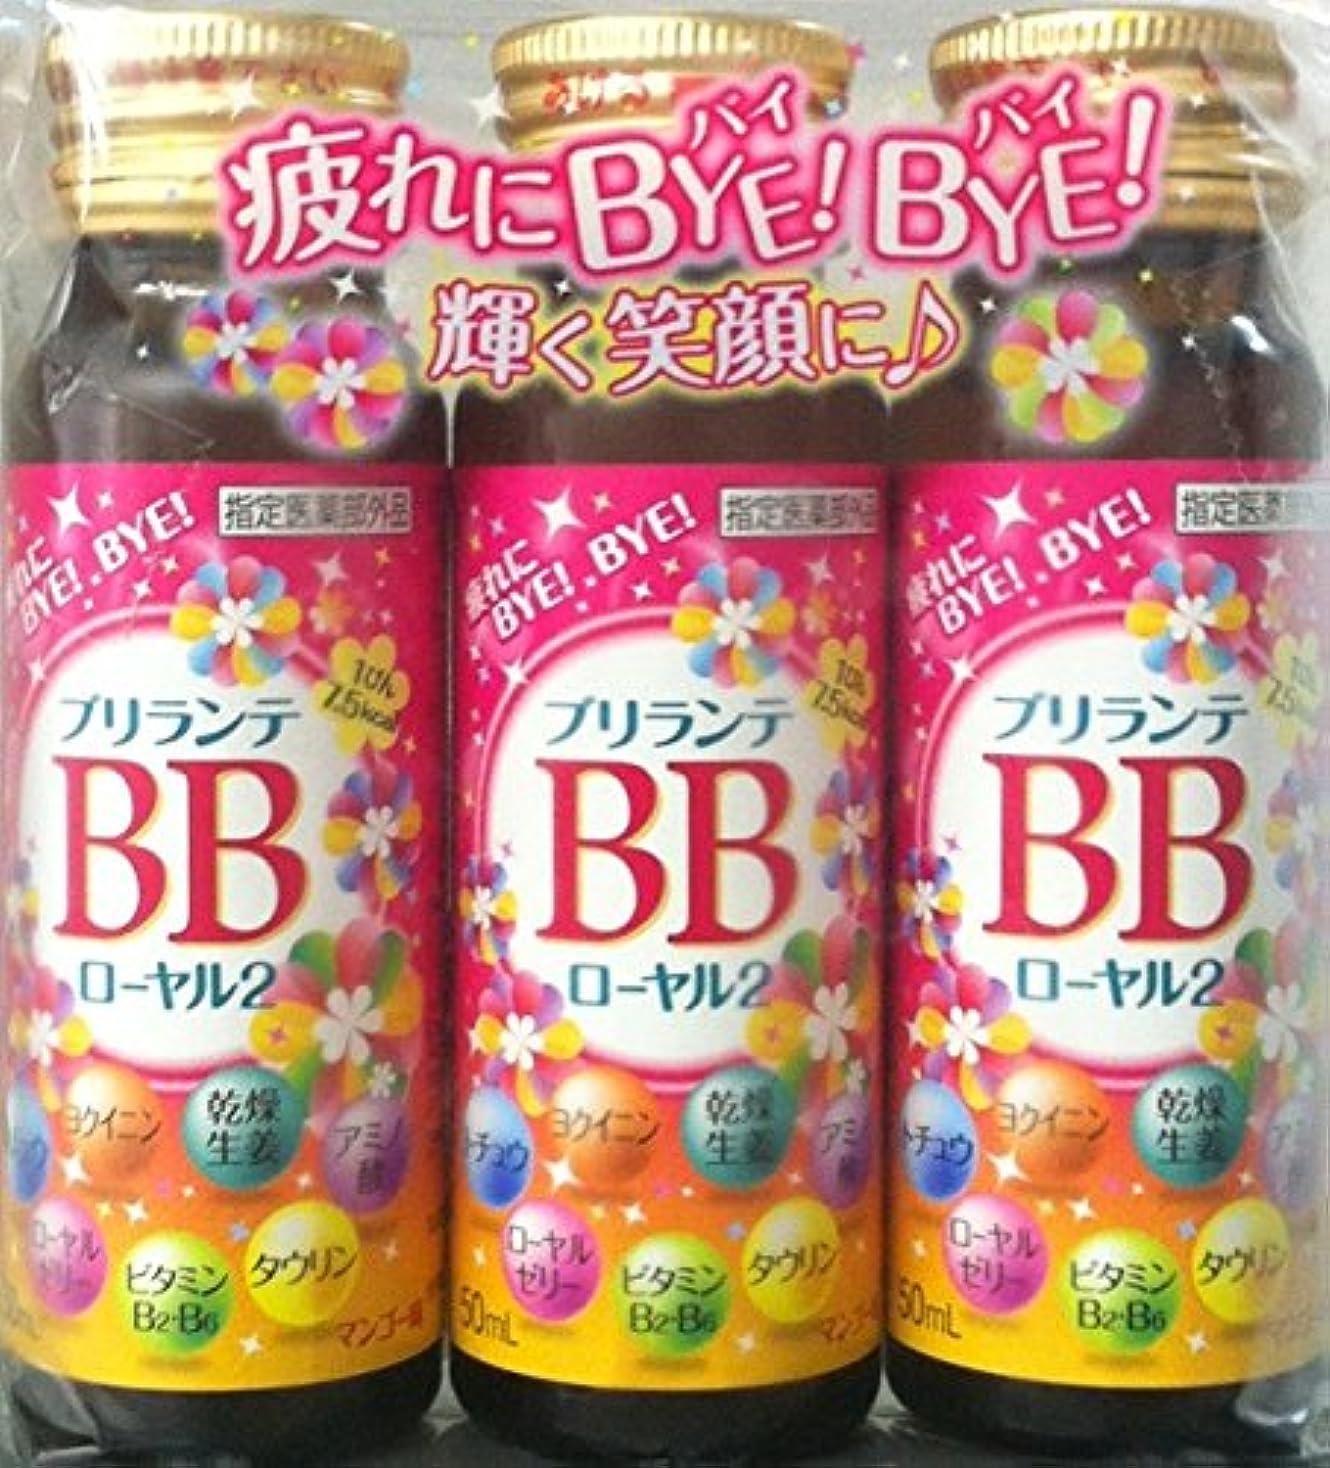 リーチ司書細菌阪本漢法製薬 ブリランテBBローヤル2 50ml×3本セット